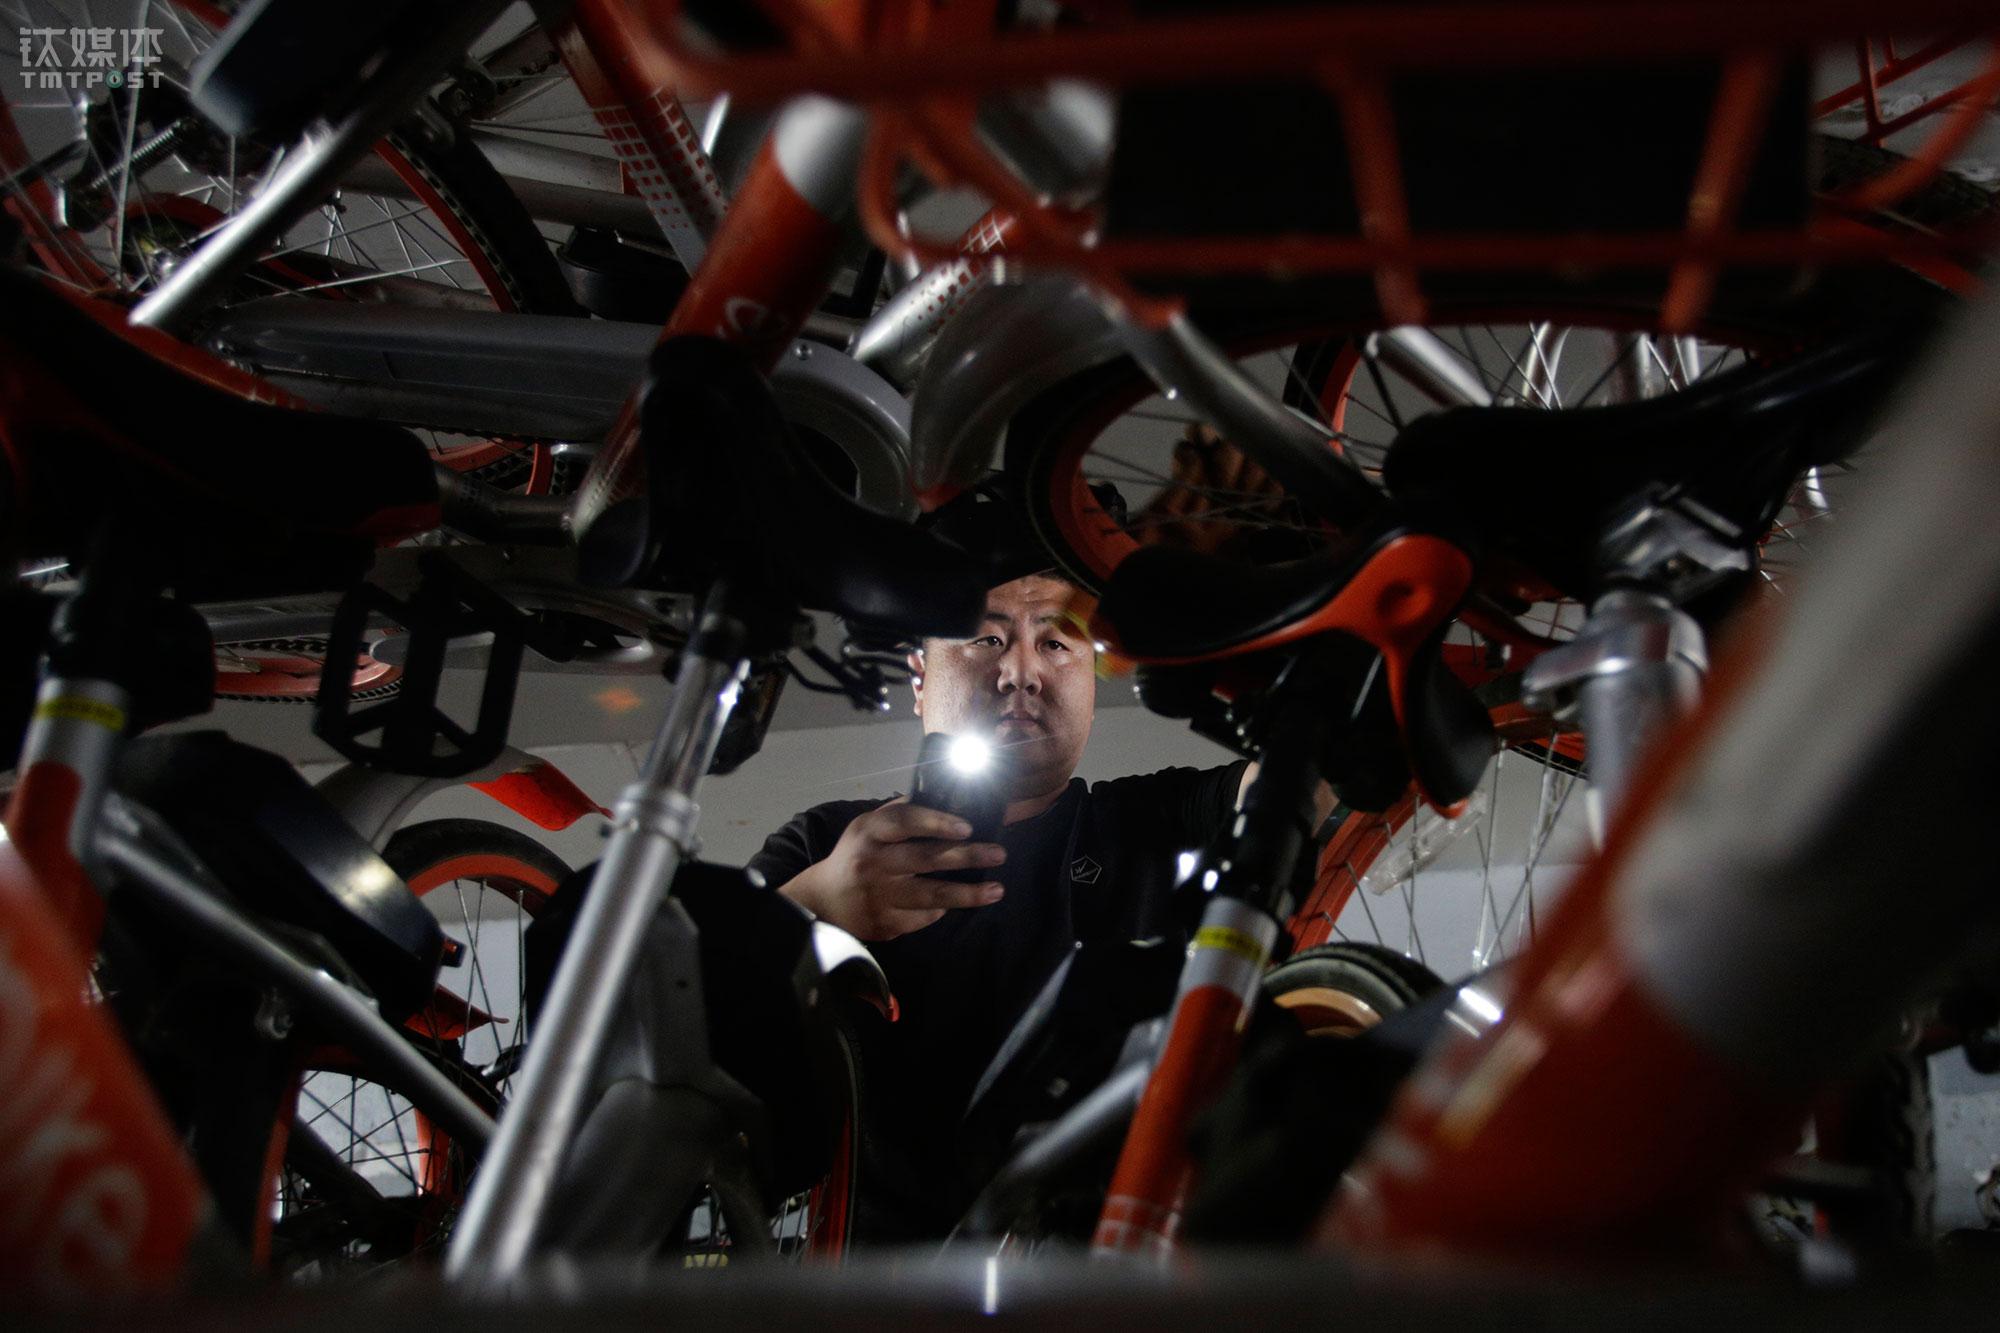 2018年4月24日,慈云寺桥下,大强在察看刚刚装好的车辆。经朋友介绍,大强大年初六从老家山东来到北京,成为一家专门为共享单车公司提供车辆人工调度服务的物流公司的工人。